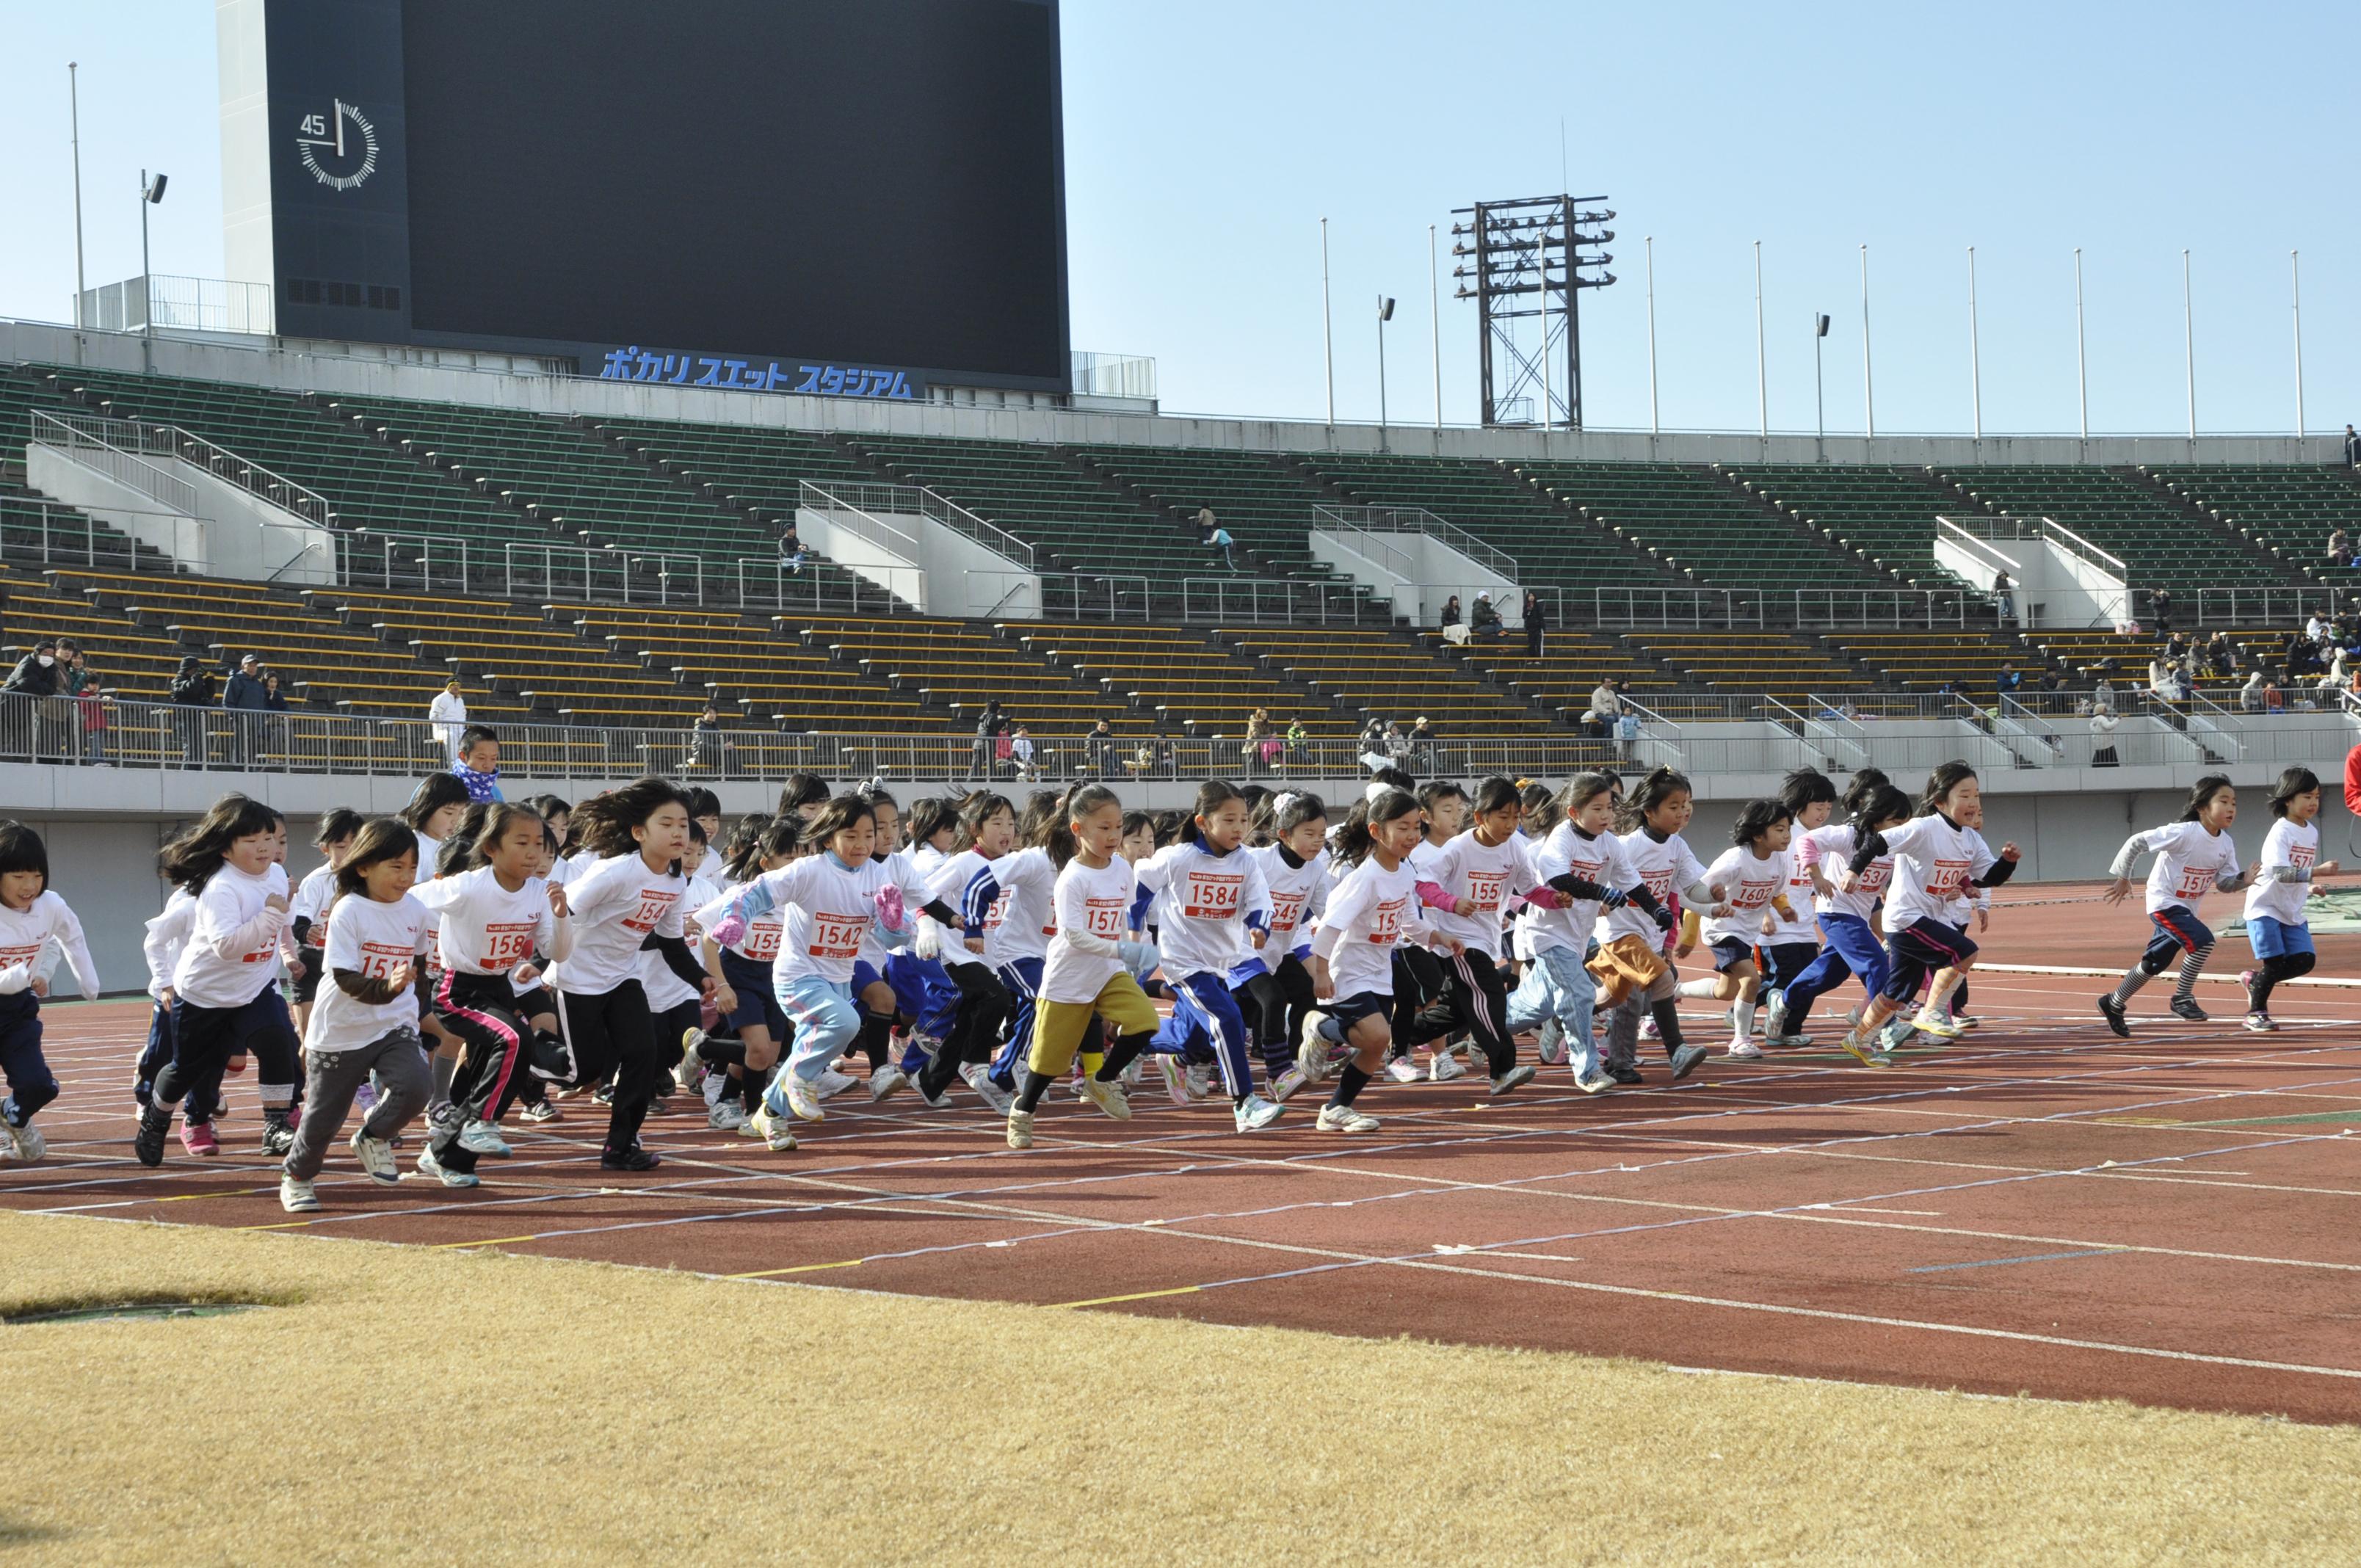 ちびっ子マラソン大会とは元気な子供たちを、未来へ送り出そう!との願いを込め、昭和60年から毎年冬の恒例イベントとしておなじみになりました。今では、小学生の男女1,700名のエントリーを数えるほどです。過去に参加したちびっ子たちが親となり、その子供たちが出場してくれることも珍しくありません。